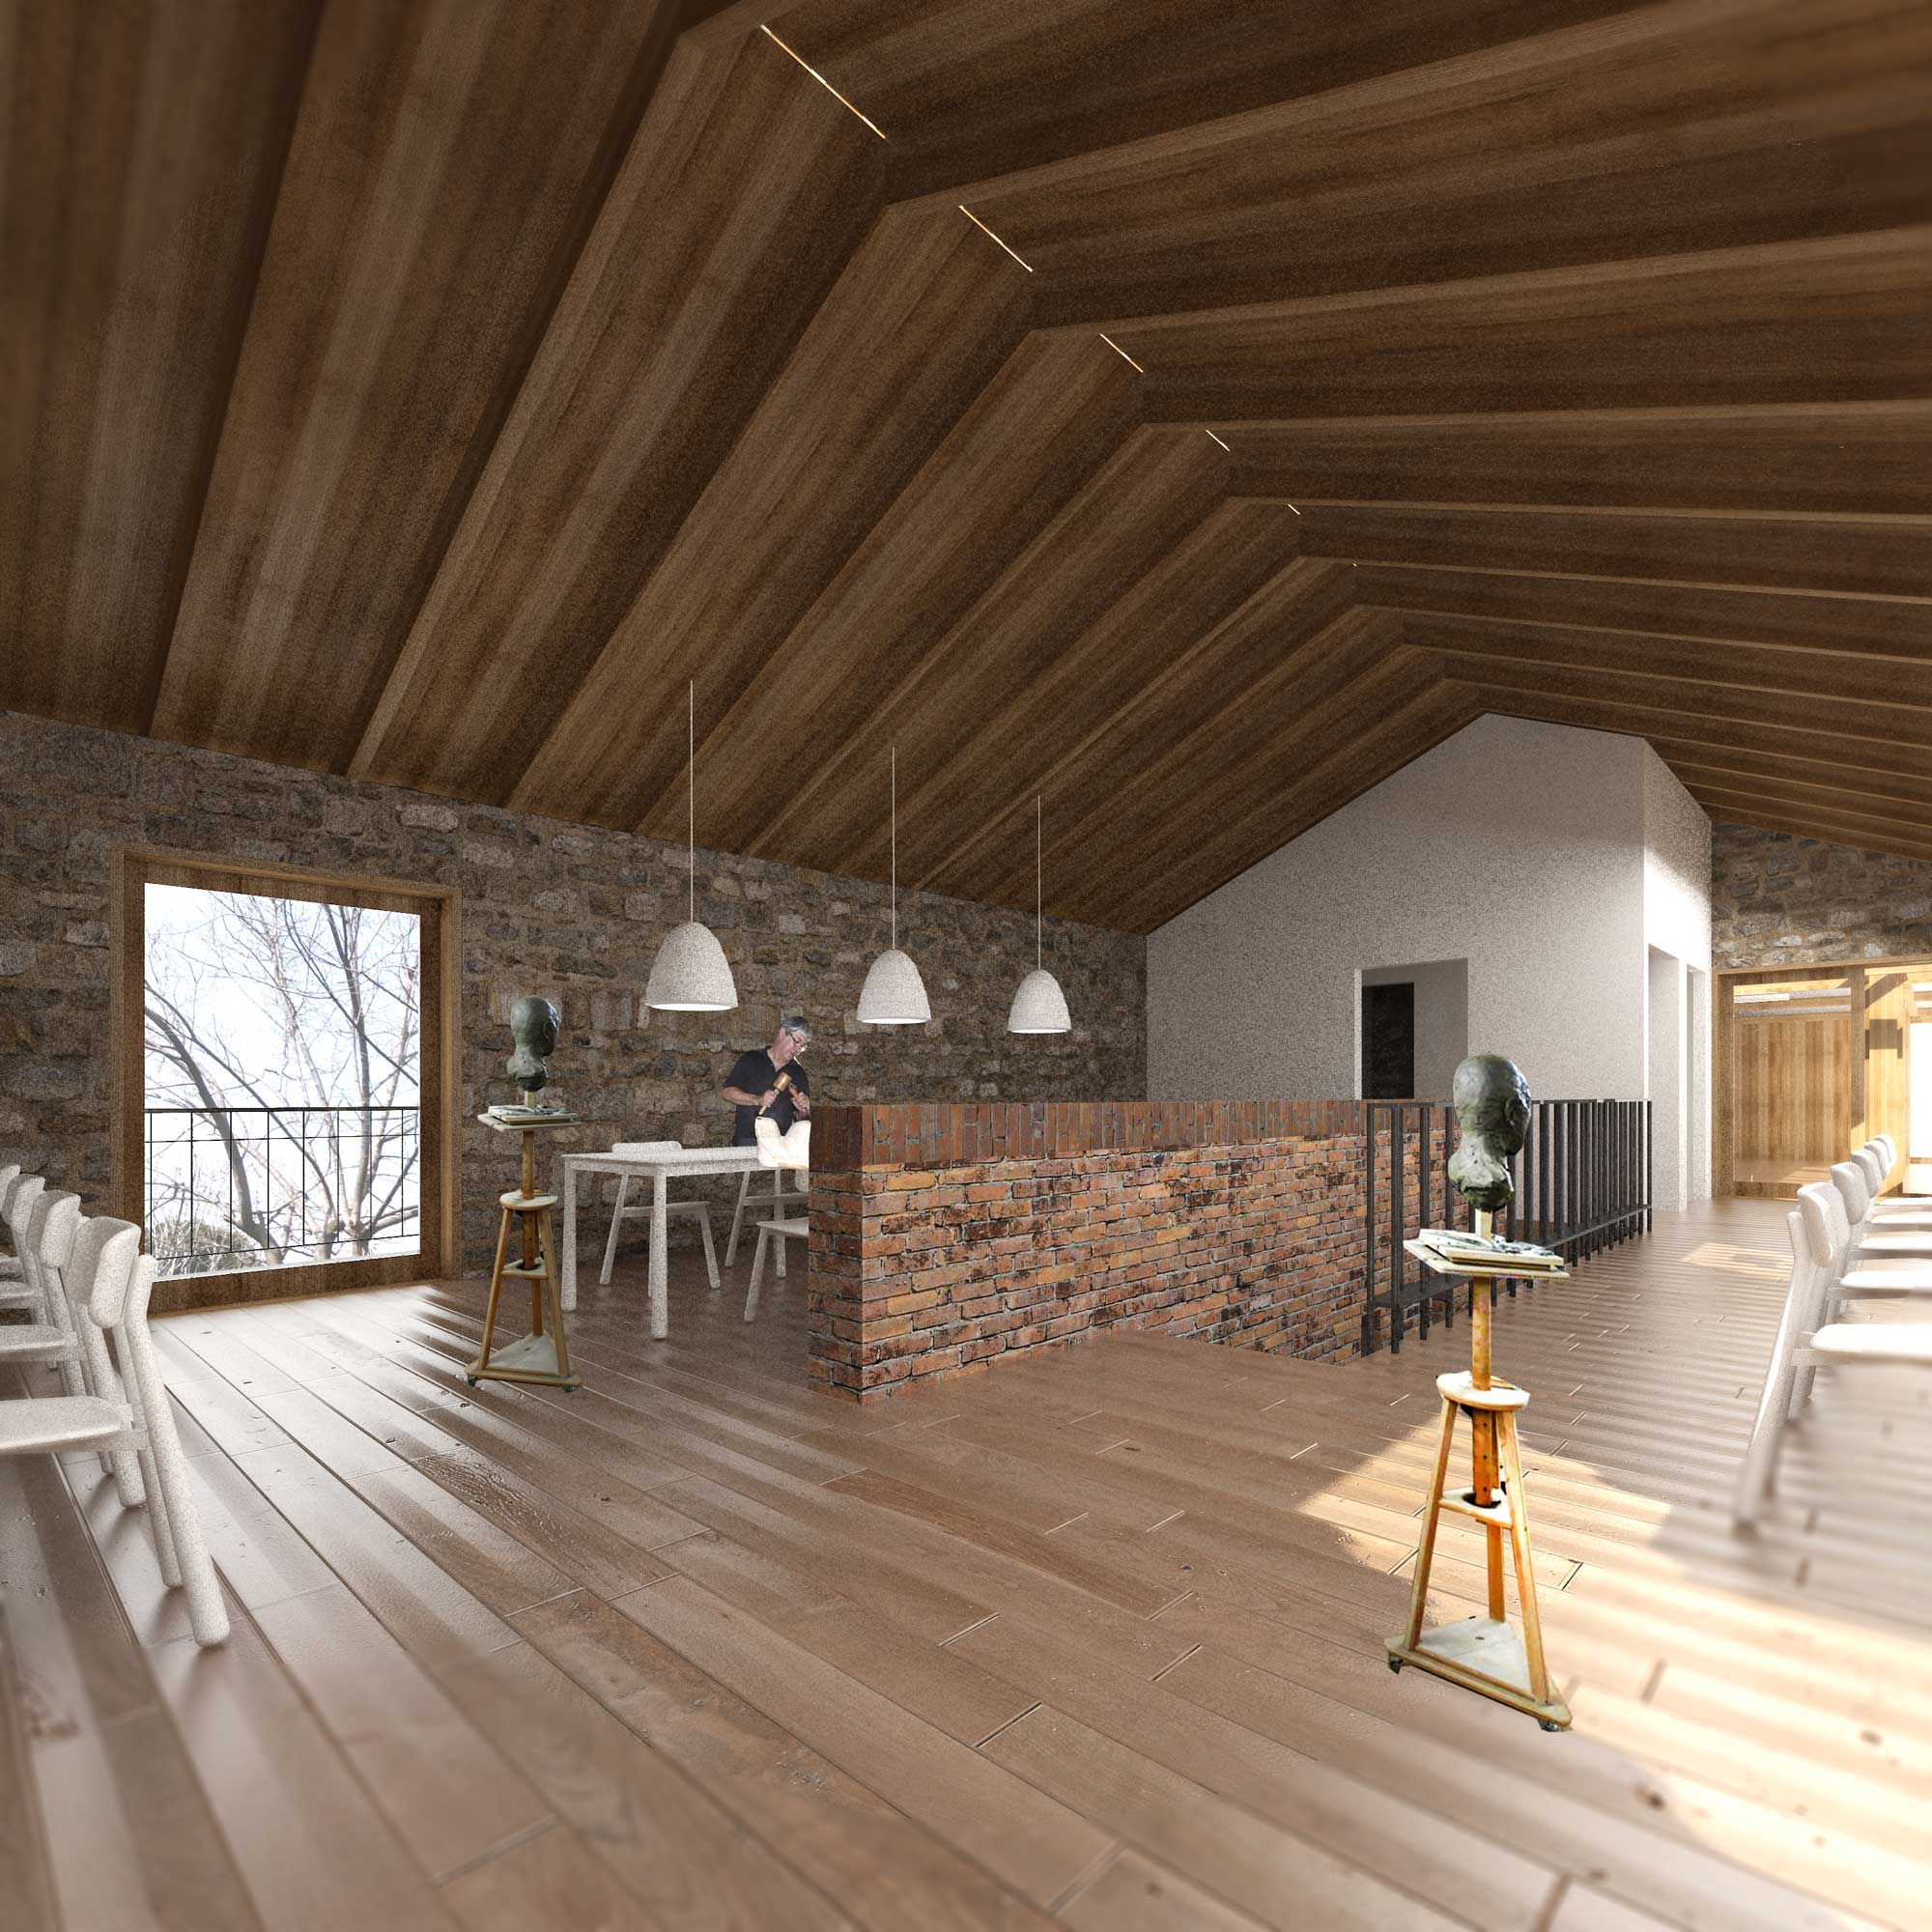 06_interior_view_of_workshops.jpg